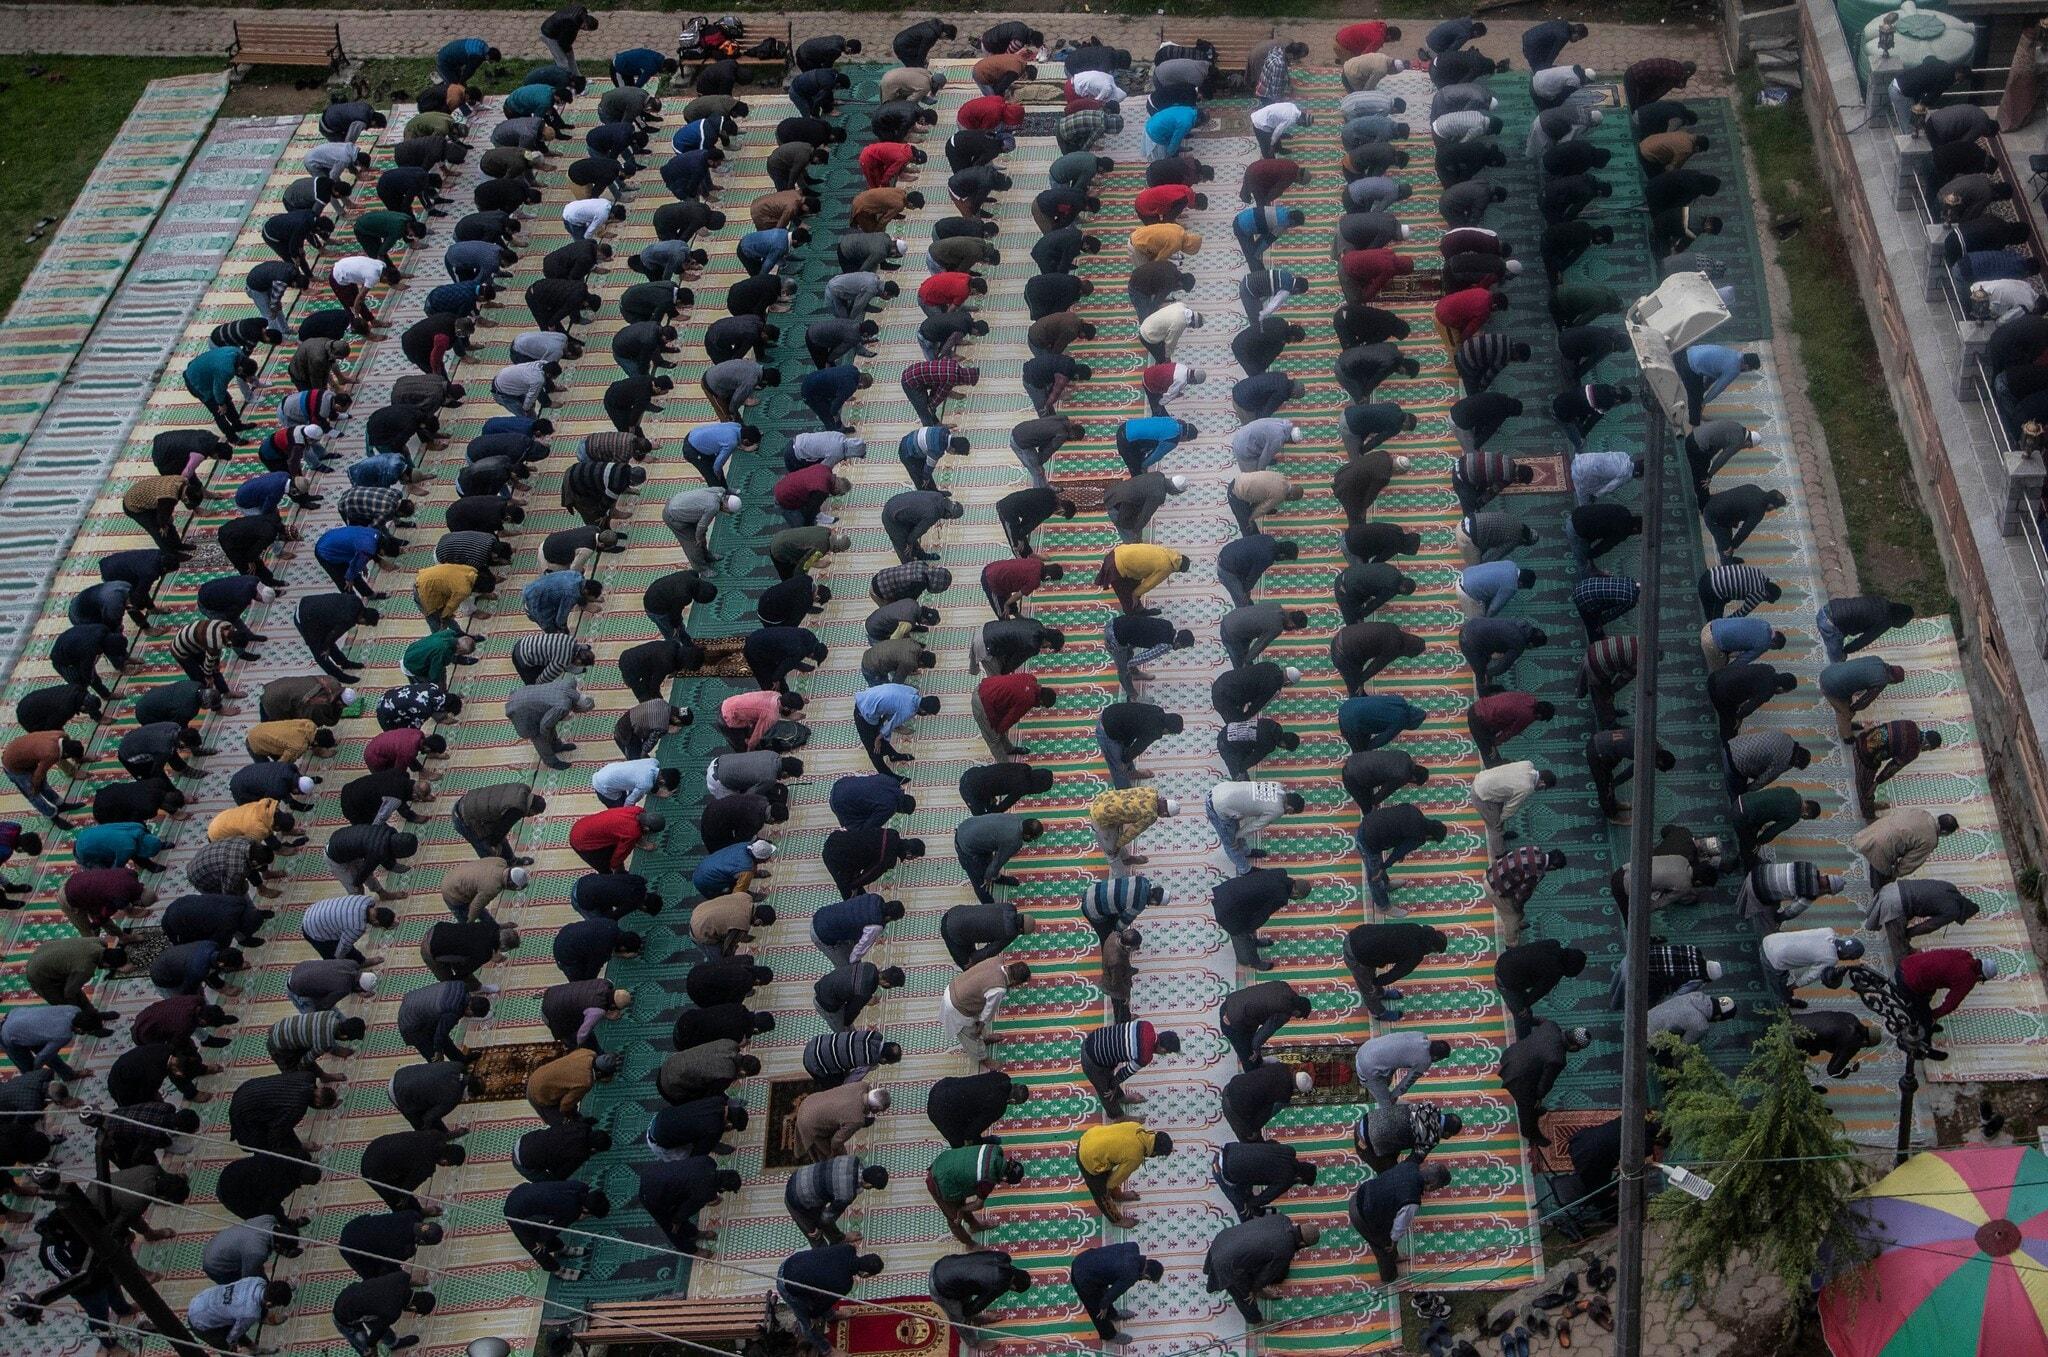 റമളാനിലെ ആദ്യ നോമ്പ് പൂർത്തിയാക്കി പള്ളിക്ക് പുറത്ത് നിസ്കരിക്കുന്ന കാശ്മീരിലെ മുസ്ലീങ്ങൾ. ശ്രീനഗറിൽ നിന്നുള്ള കാഴ്ച്ച ഏപ്രിൽ 14 2021 (AP Photo)